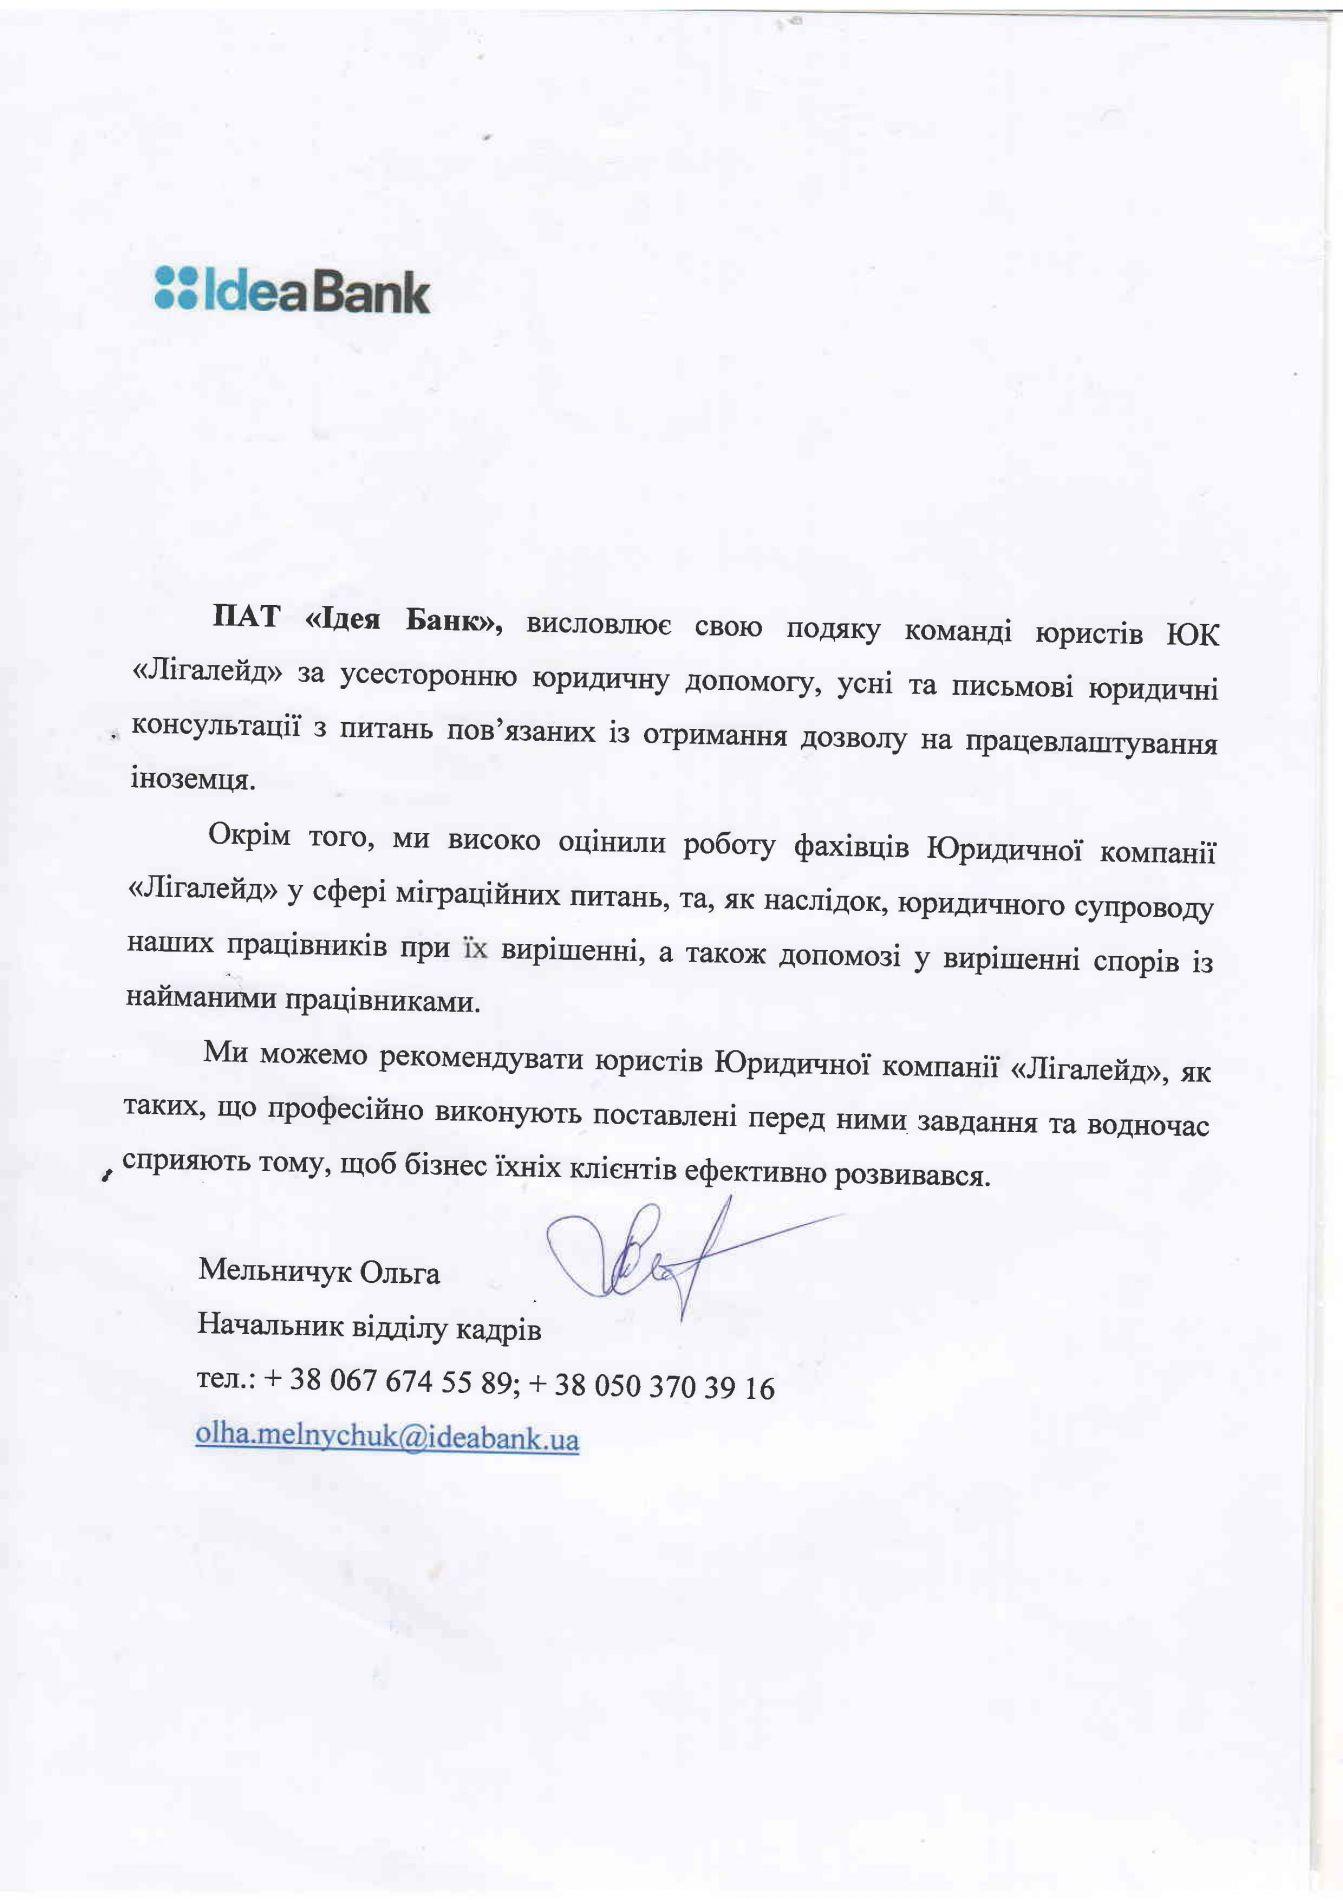 Відгуки_Страница_05